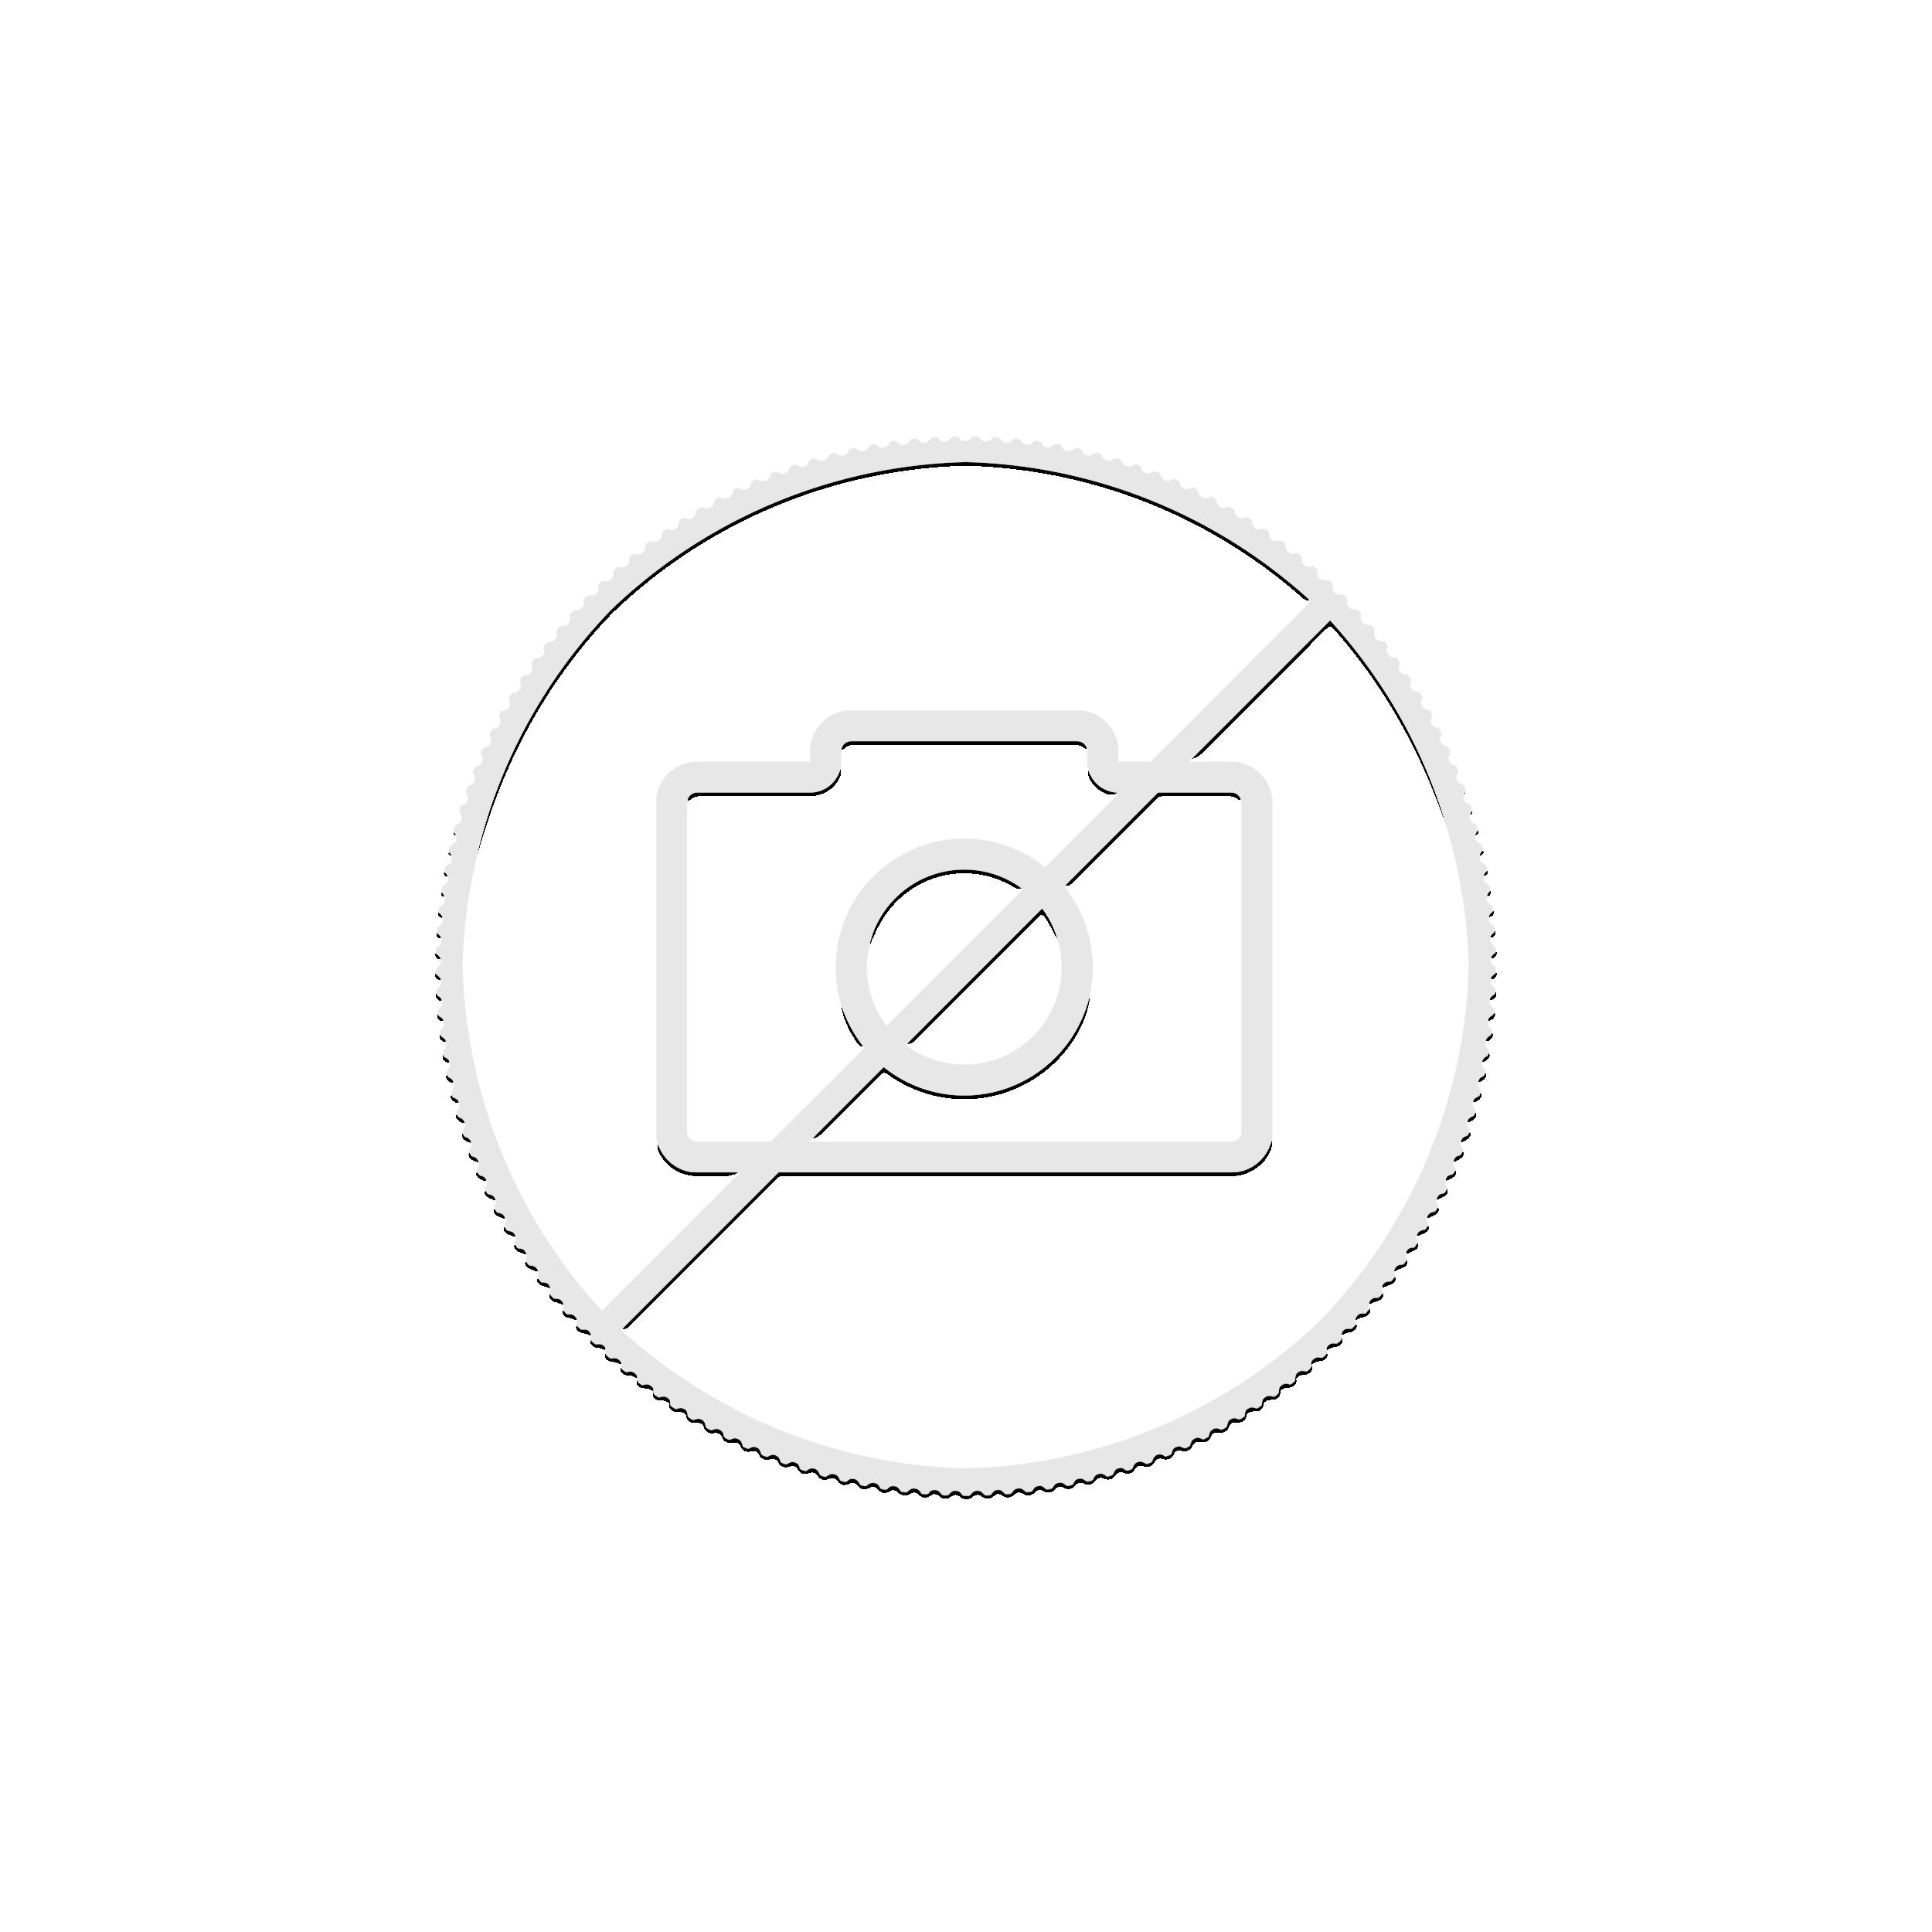 1 Troy ounce silver coin Suriname Dollar